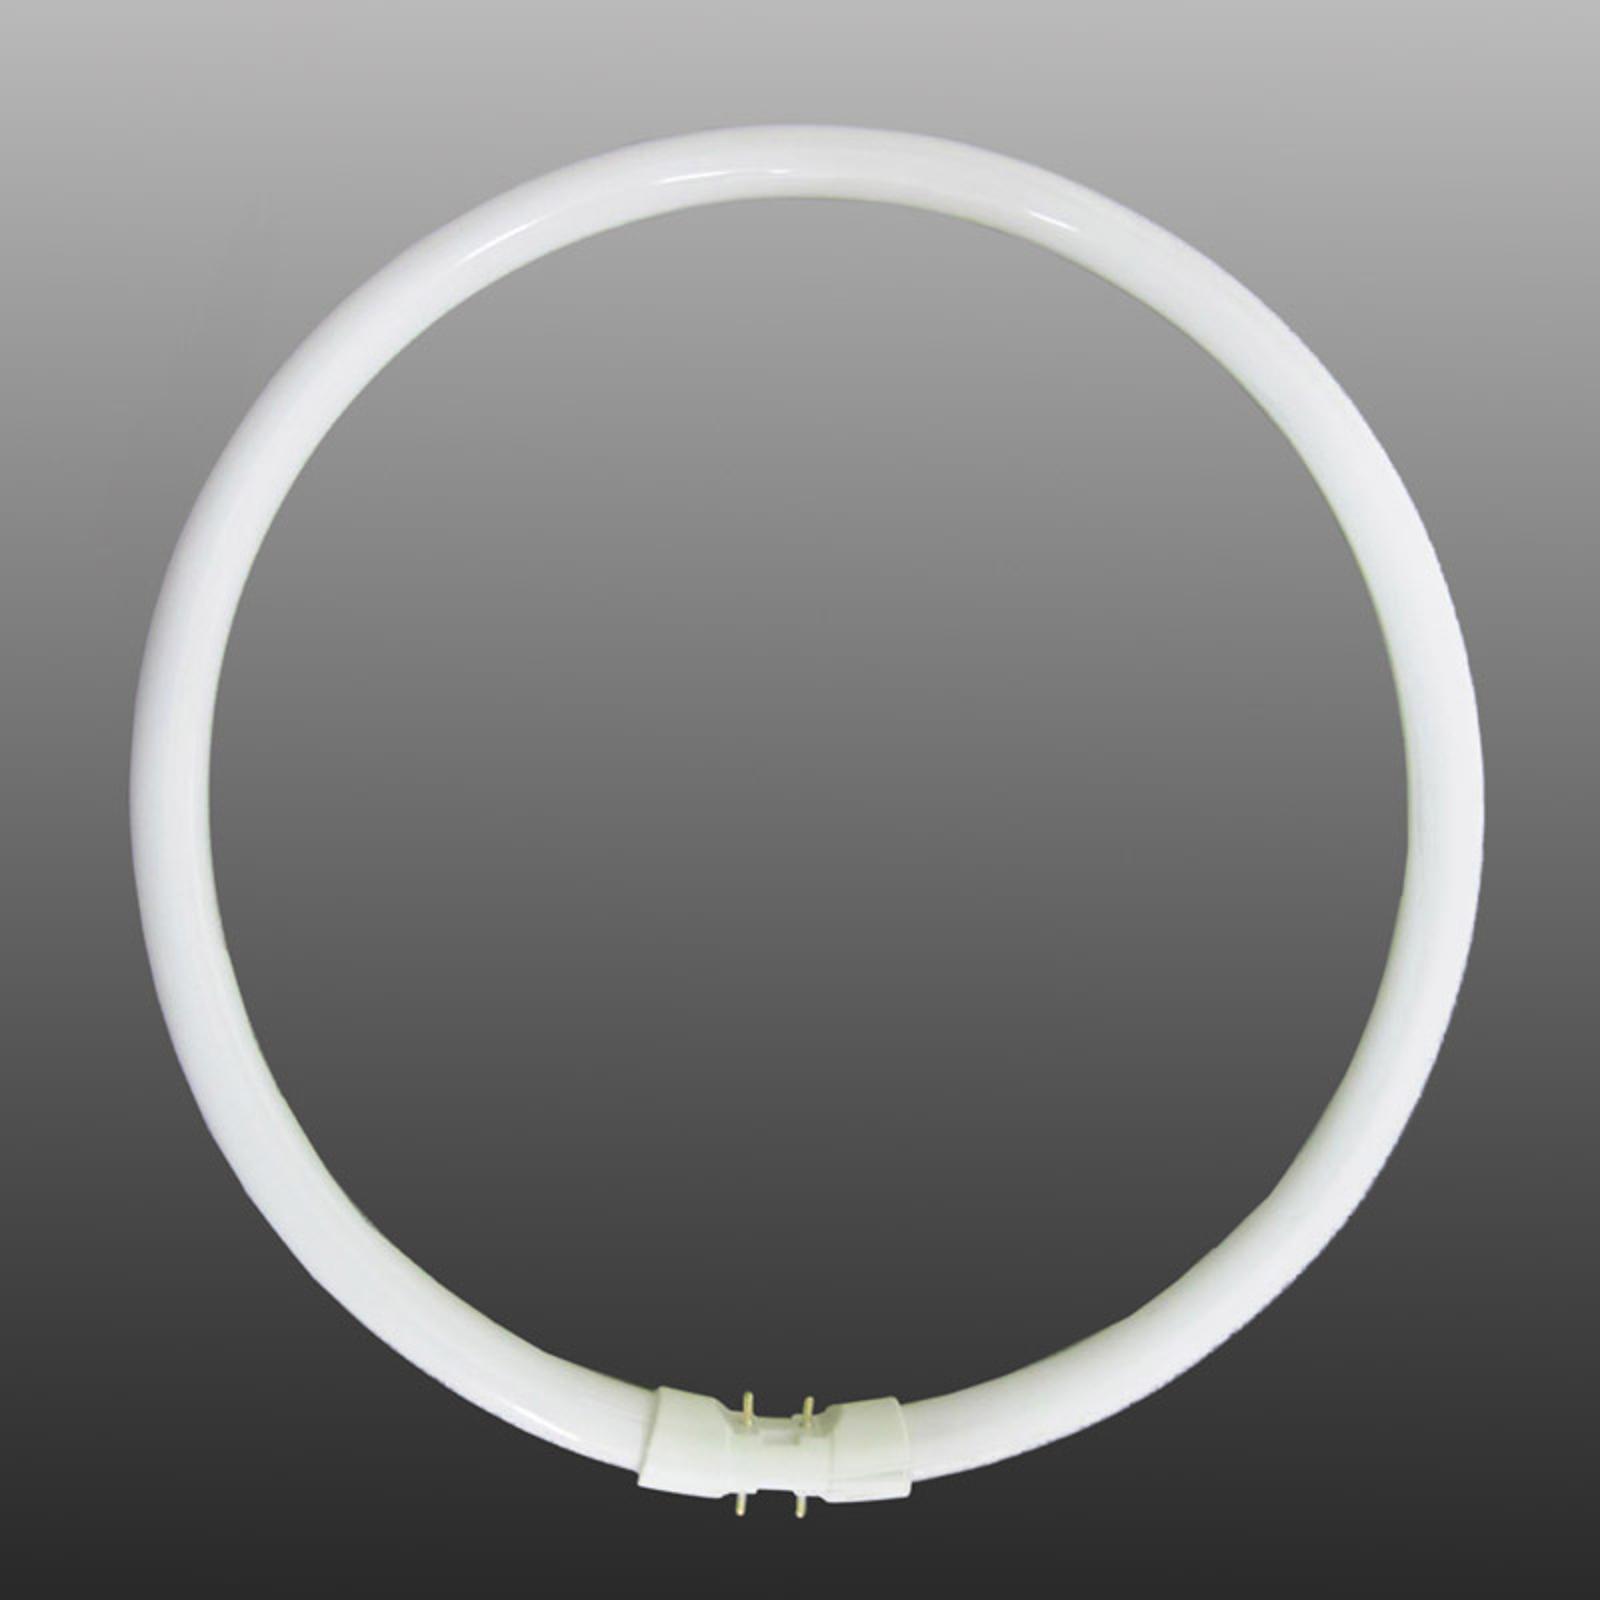 2GX13 T5 22W ringformet lysstofrør, varmhvid